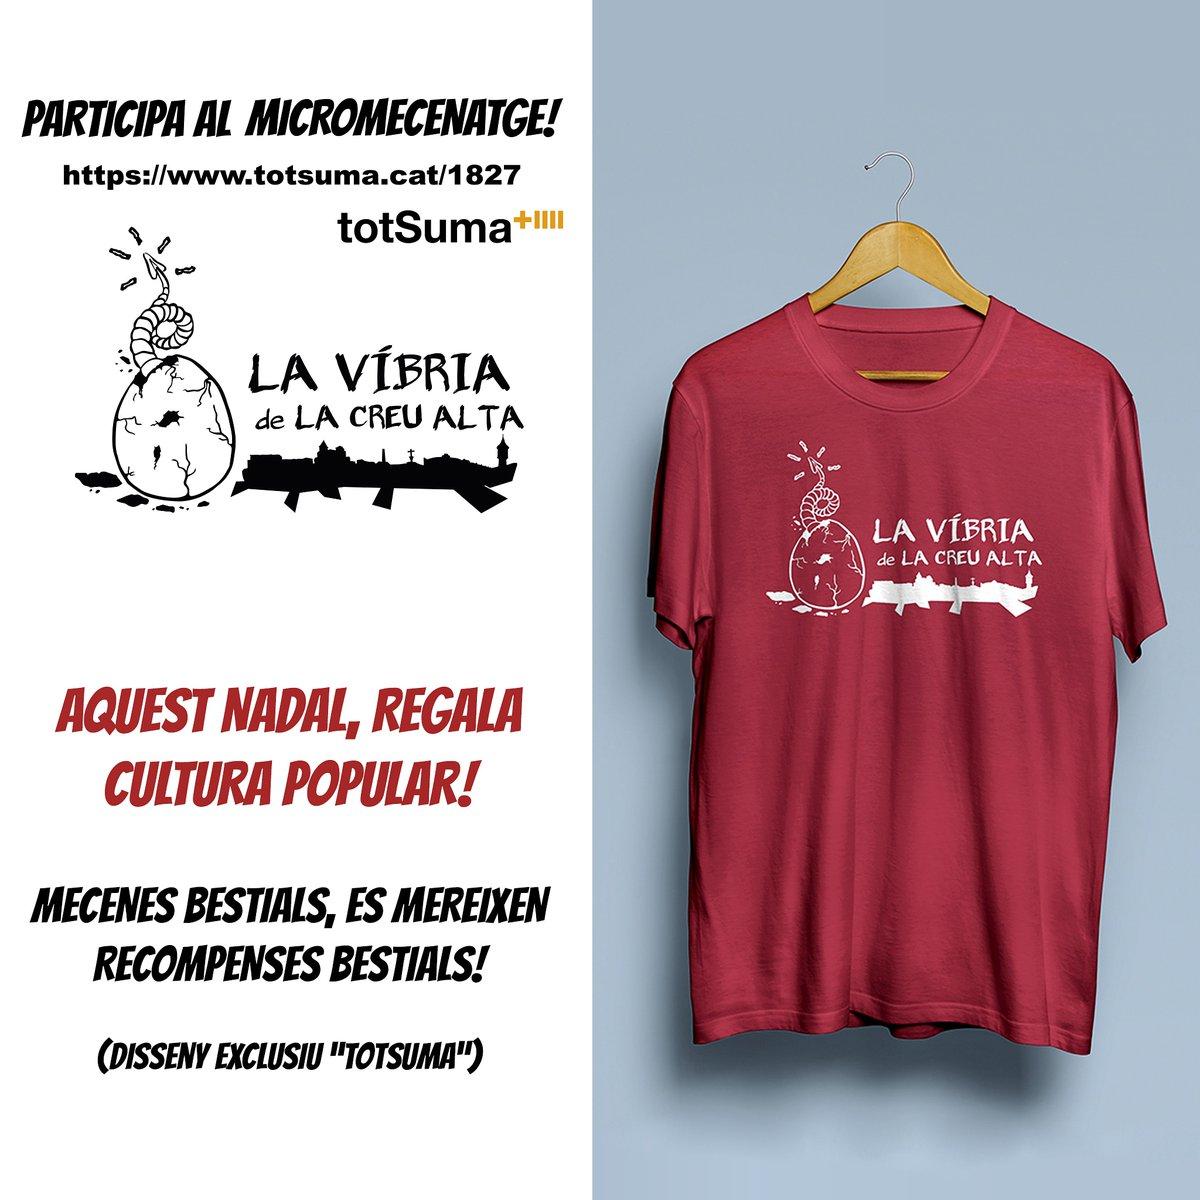 La samarreta de La Víbria! 😈  Fes-te mecenes i ajuda'ns a arribar a l'objectiu per fer néixer la bèstia! 🔥 ➡️ https://t.co/5eH61Cidt9  Aquest #nadal regala #culturapopular!  @tot_suma @PetitSabadell @sbdcultura https://t.co/kgvWUPbsYG